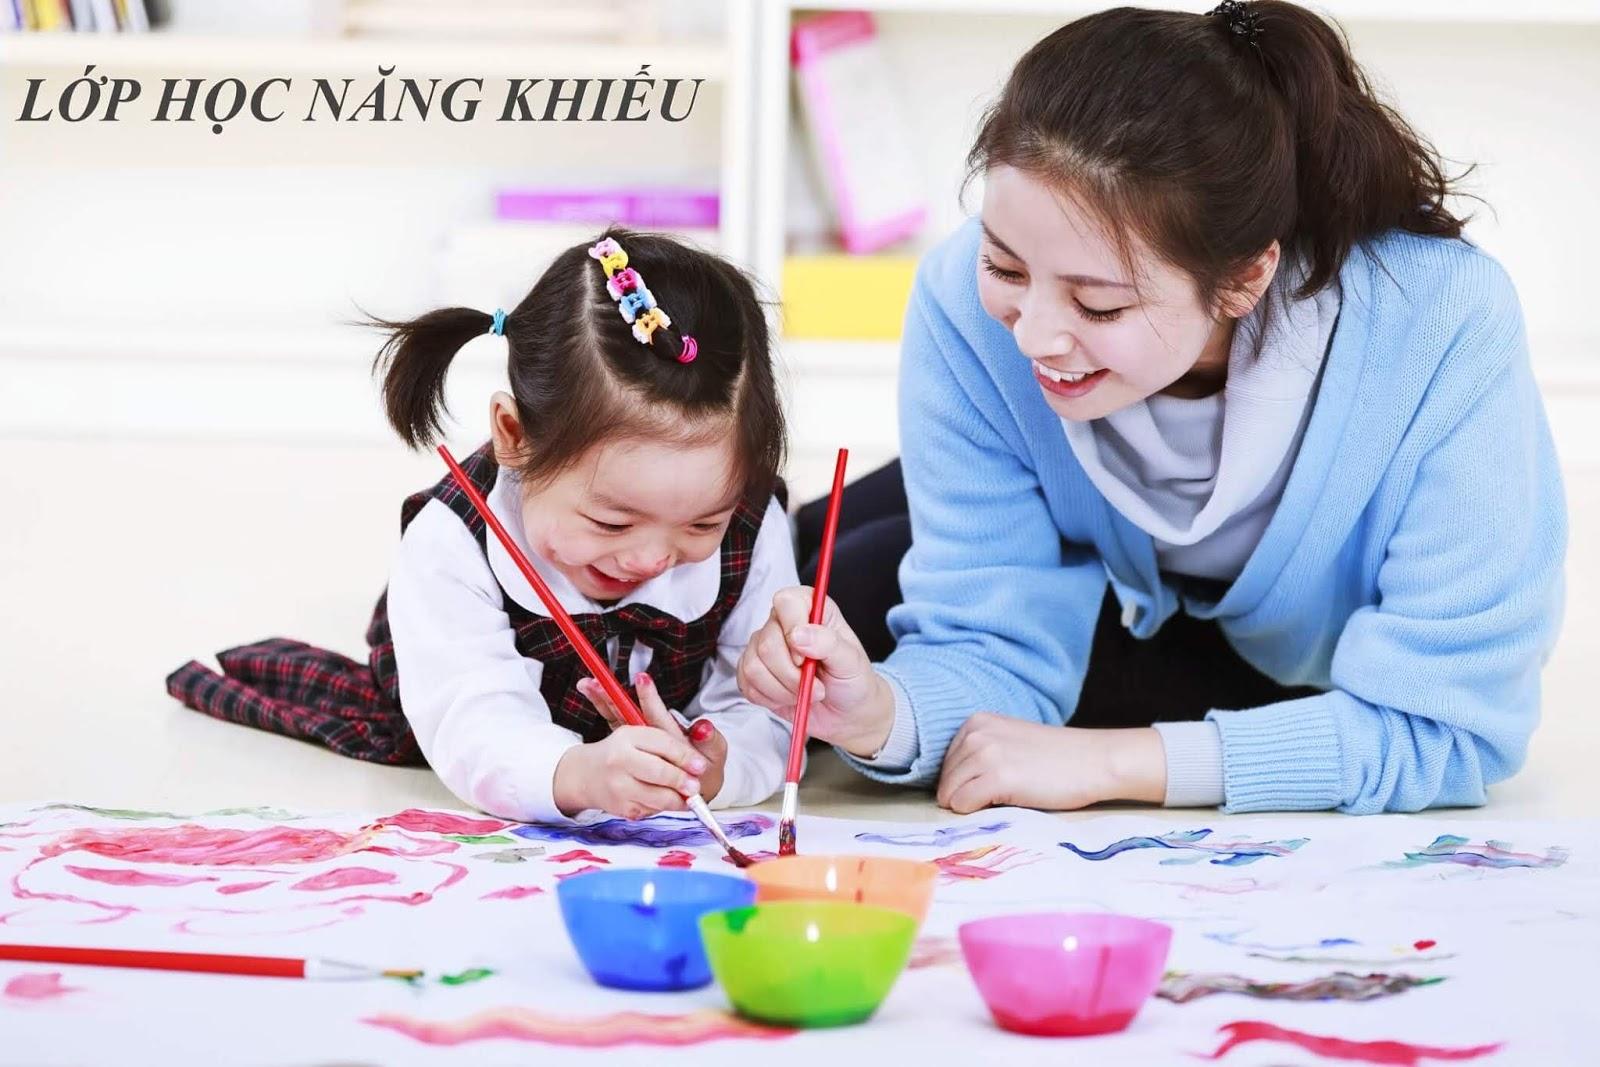 Lớp học năng khiếu dành cho bé tại dự án Rose Town